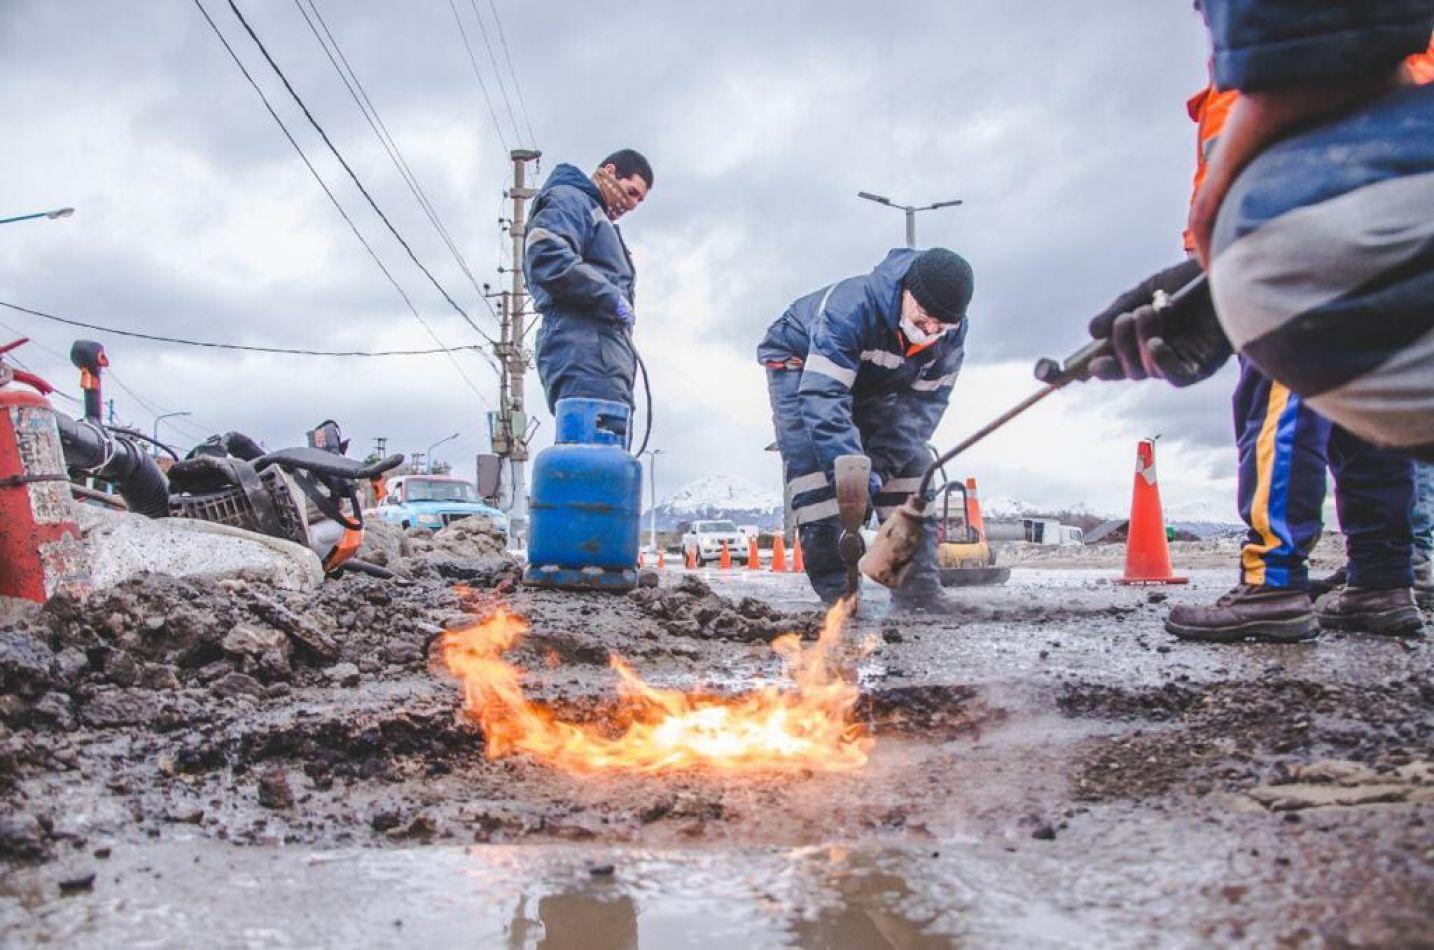 Municipio de Ushuaia prueba un nuevo producto asfáltico para aplicar a trabajos de bacheo y mantenimiento